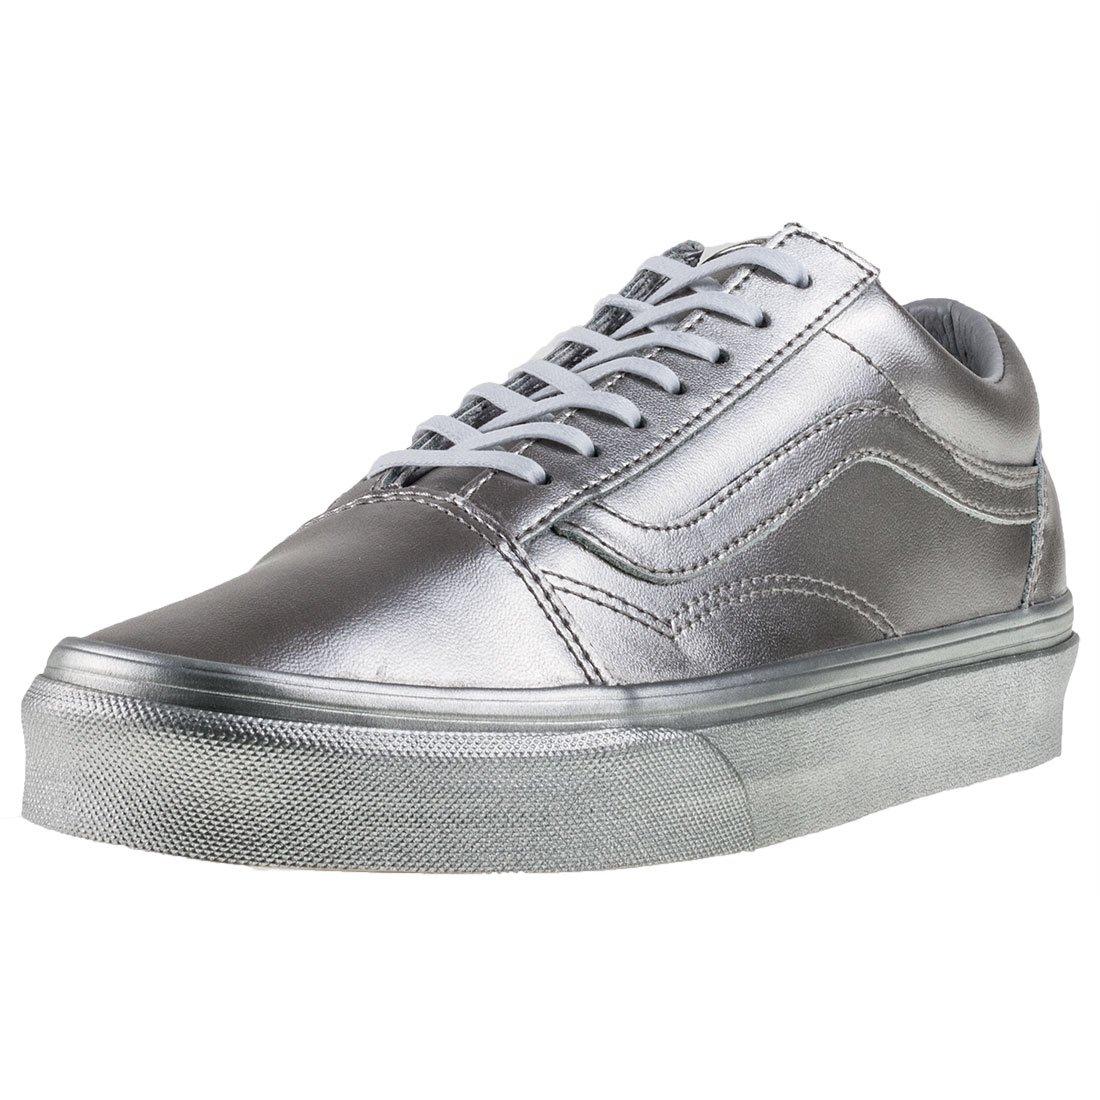 Vans Unisex Old Skool (Metallic Silver) Skate Shoe 5.5 D(M) US / 7 B(M) US|Silver